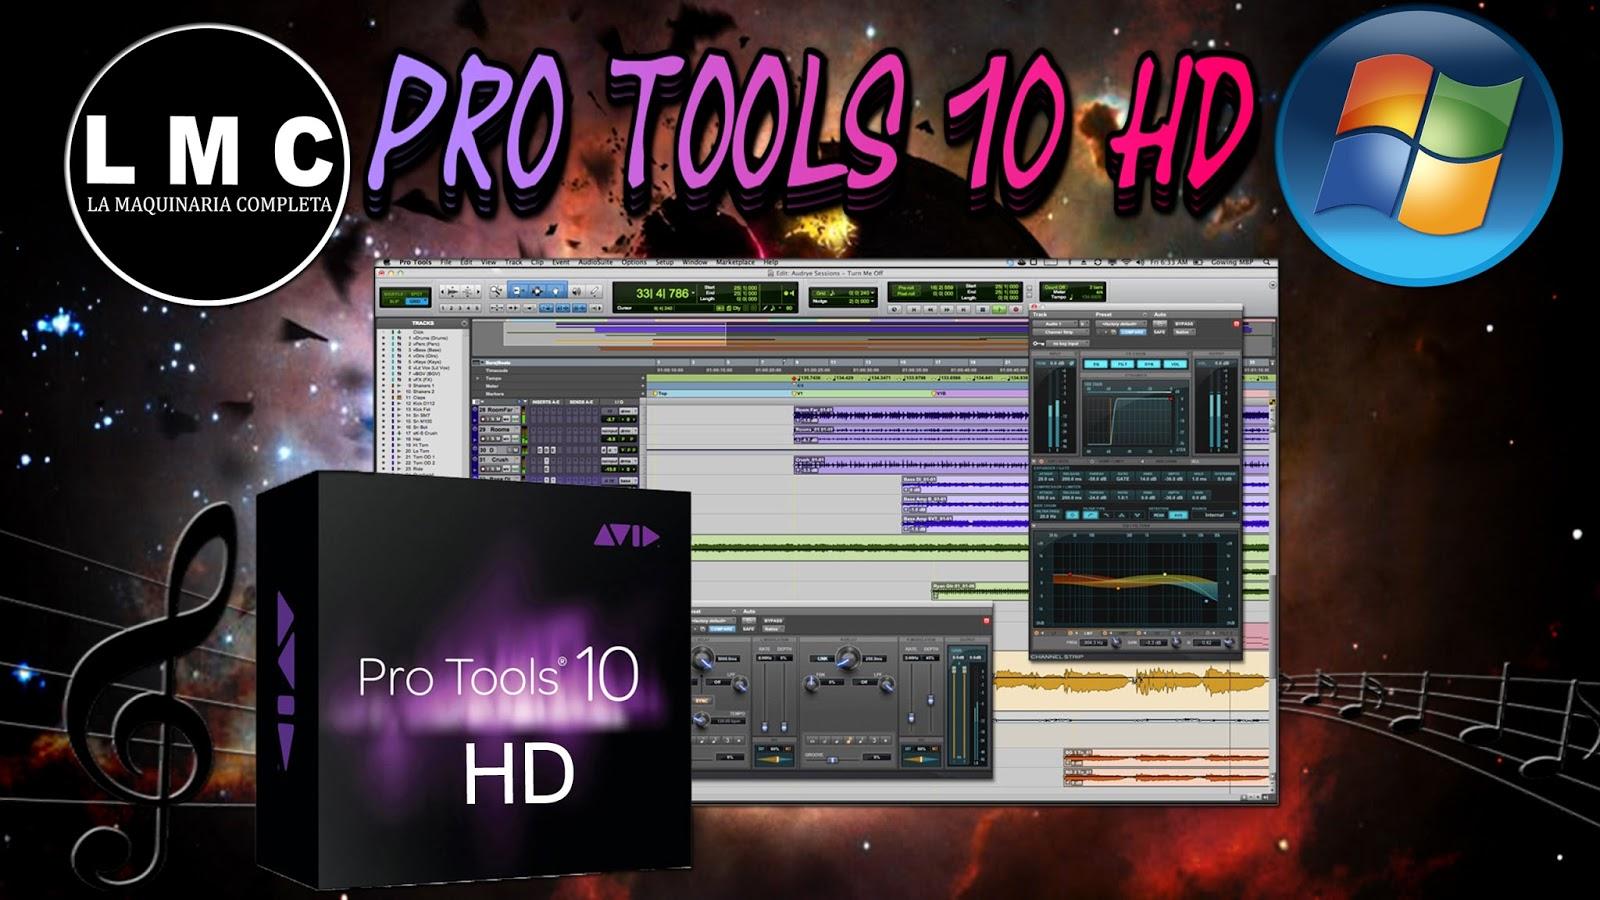 descargar pro tools 10 full